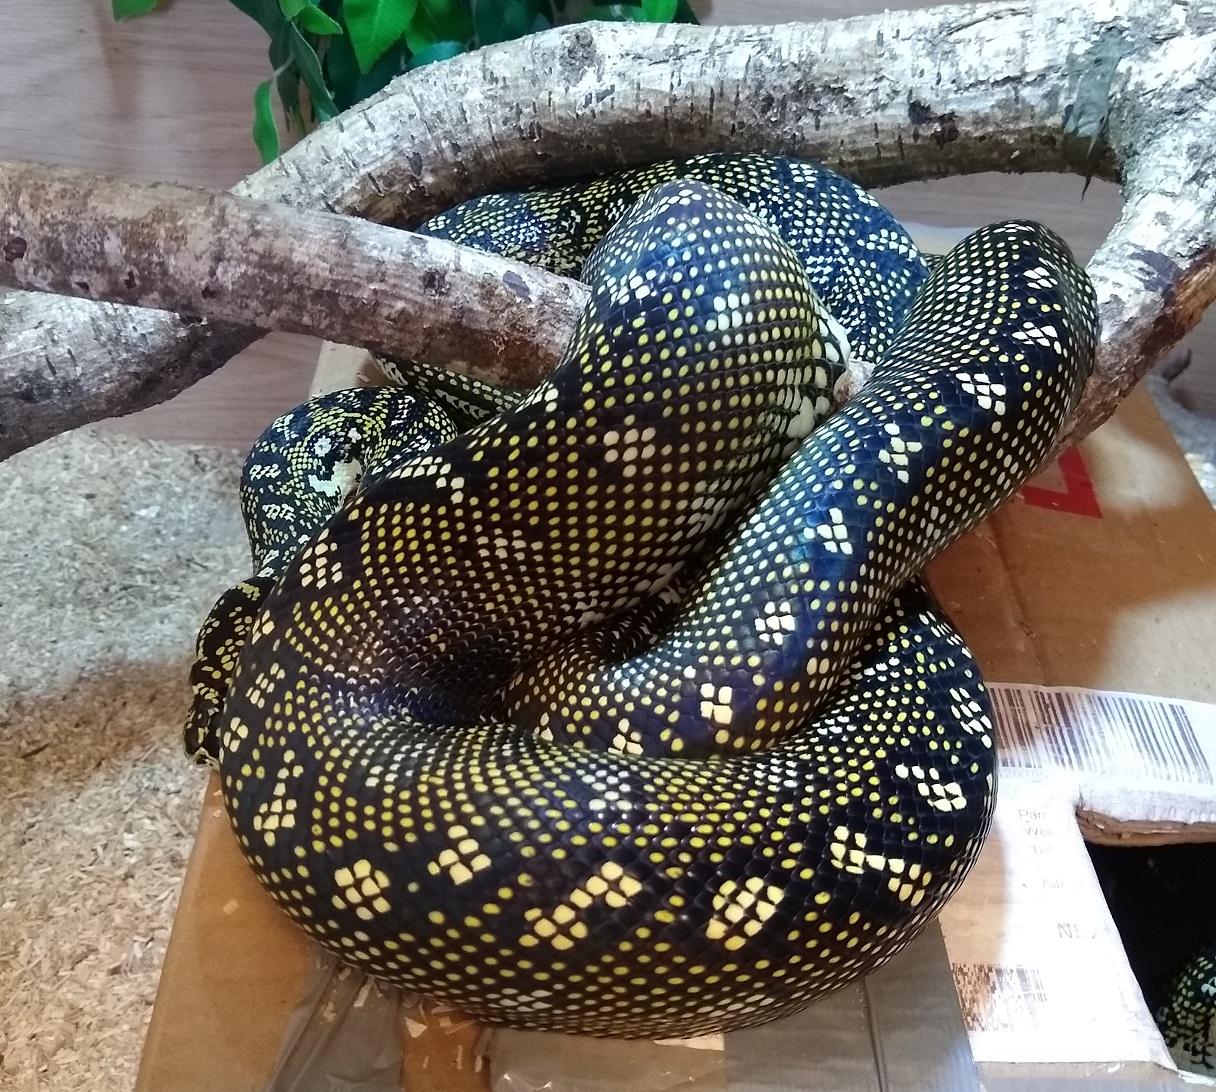 Diamond Python Appreciation-female.jpg